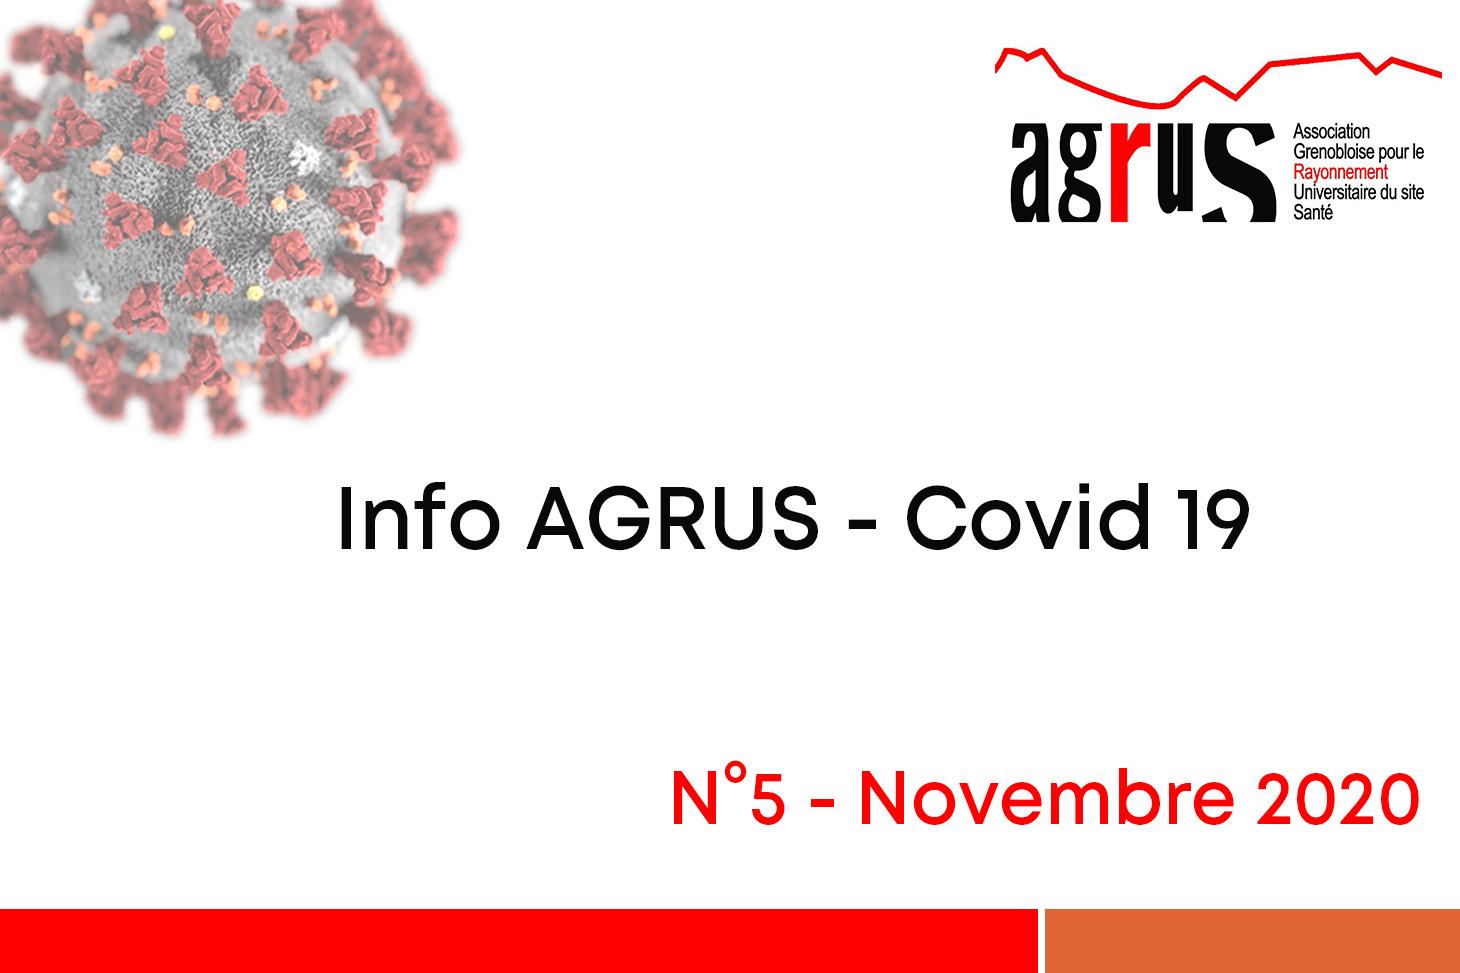 Info AGRUS - Covid19 - n°5